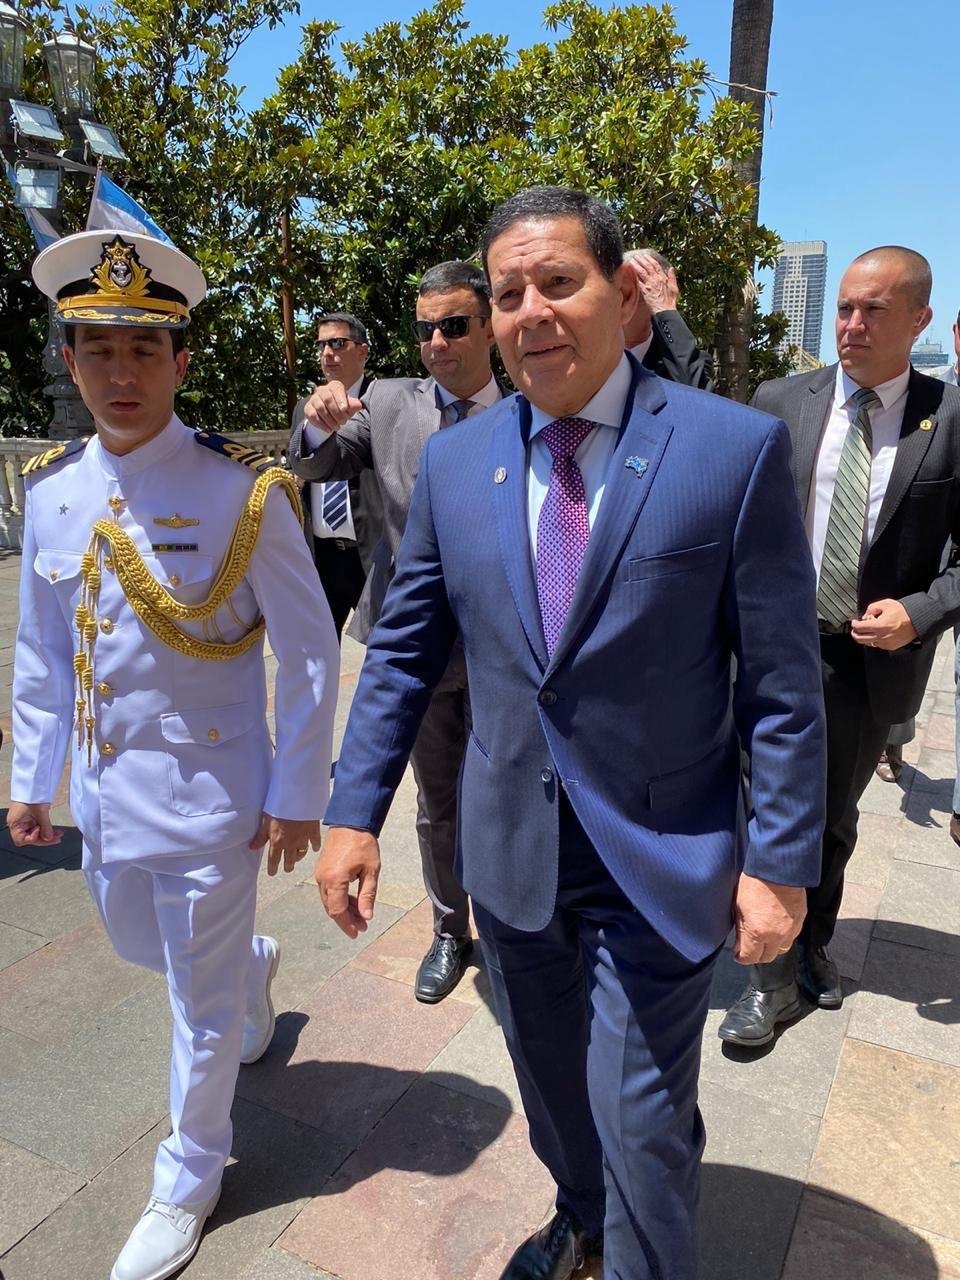 阿根廷新當選的正副總統艾柏托和費南德茲10日宣誓就職,巴西政府考慮到阿根廷經濟對巴西的重要性,派副總統莫勞(前右)前往。(圖取自twitter.com/GeneralMourao)